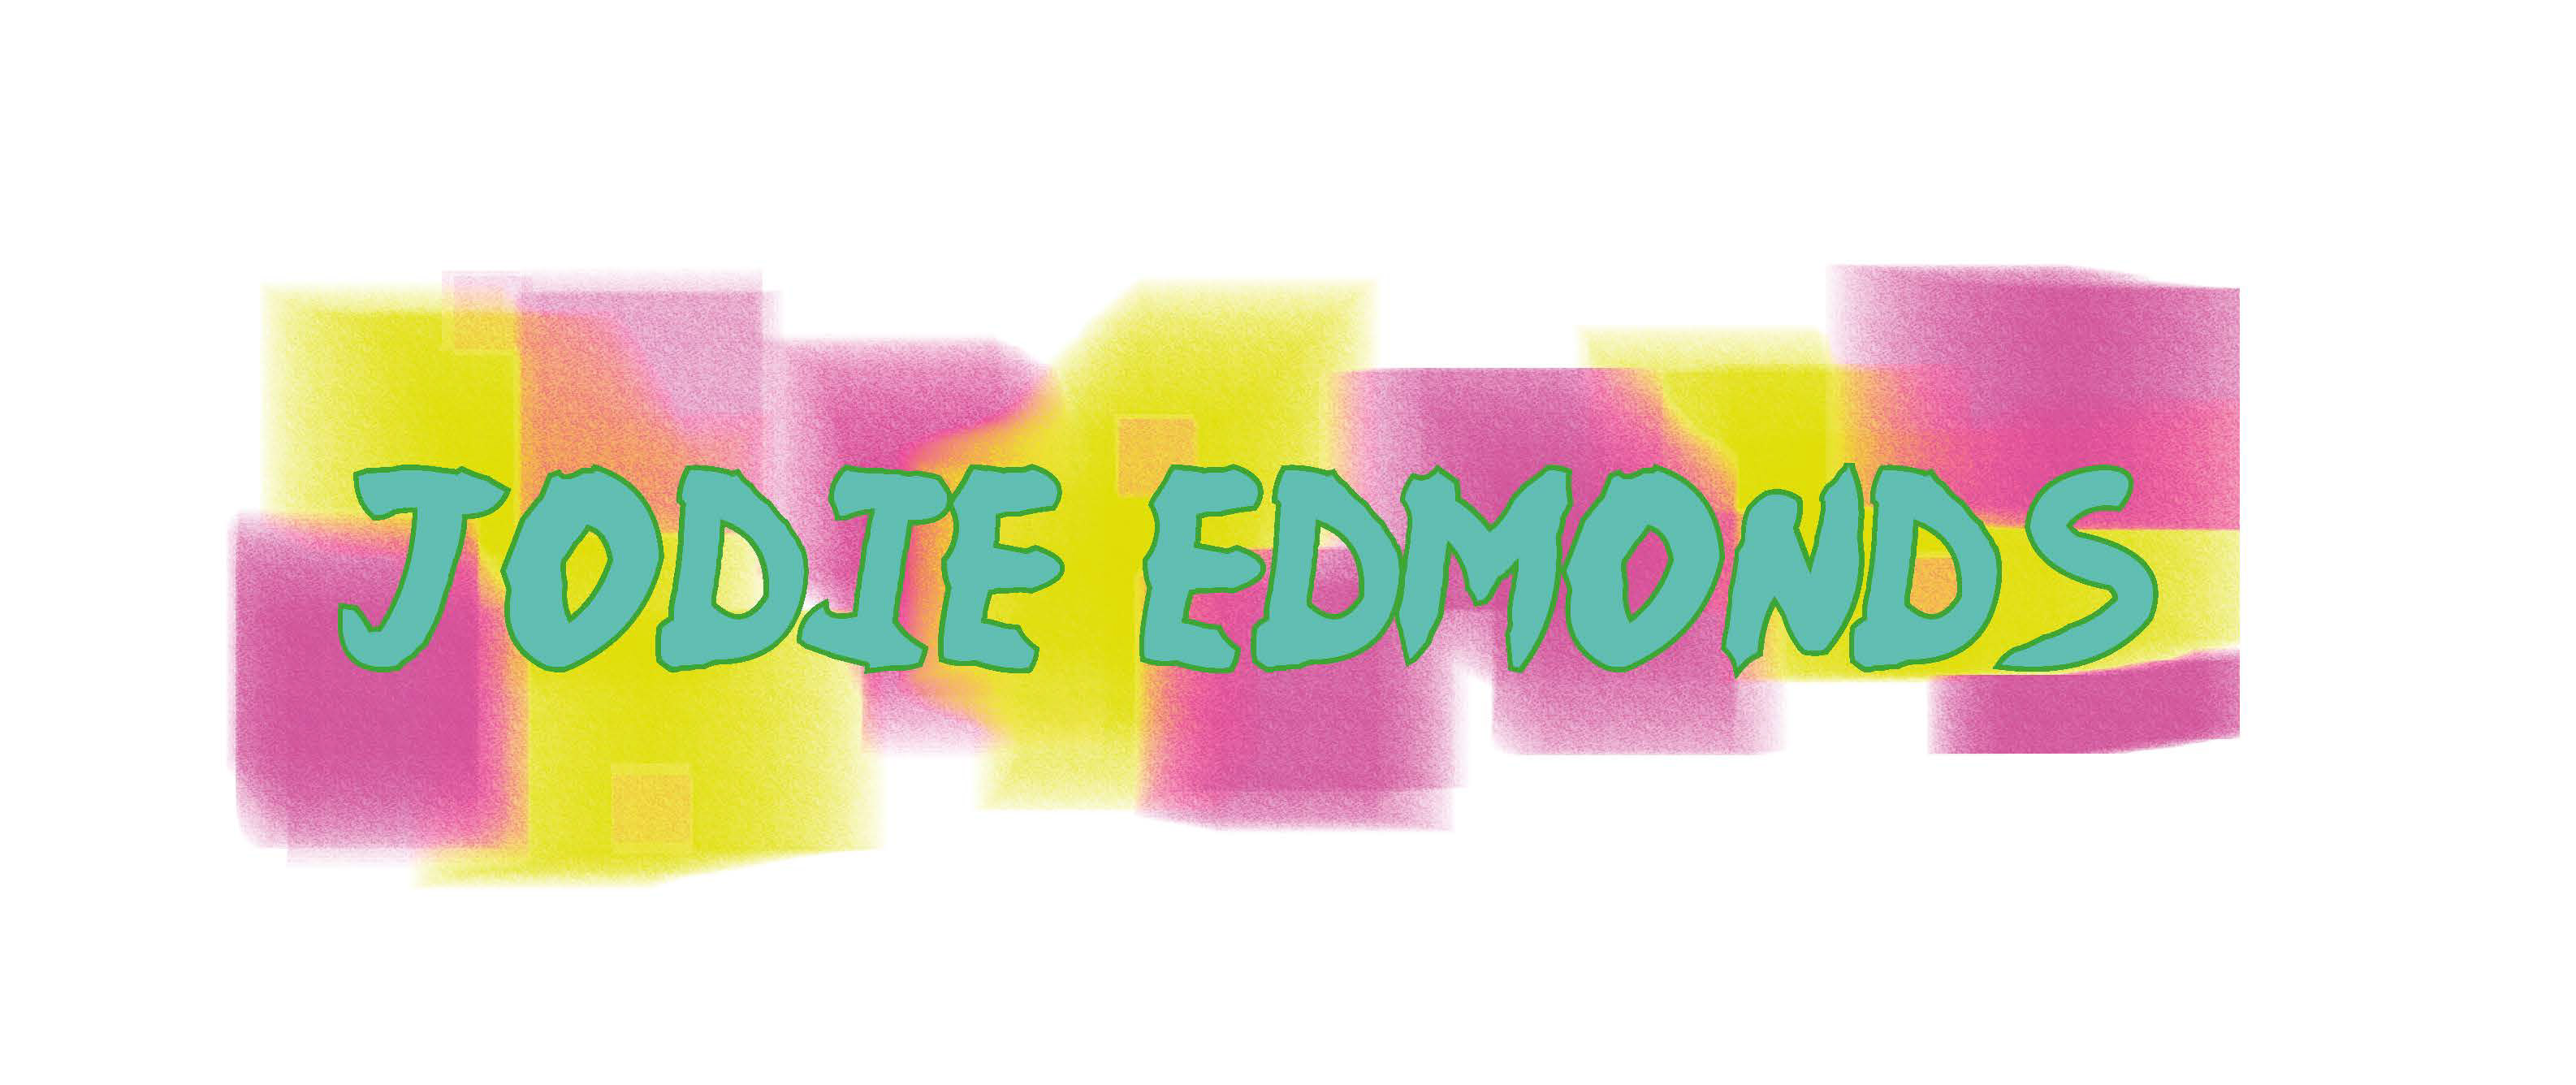 jodie edmonds